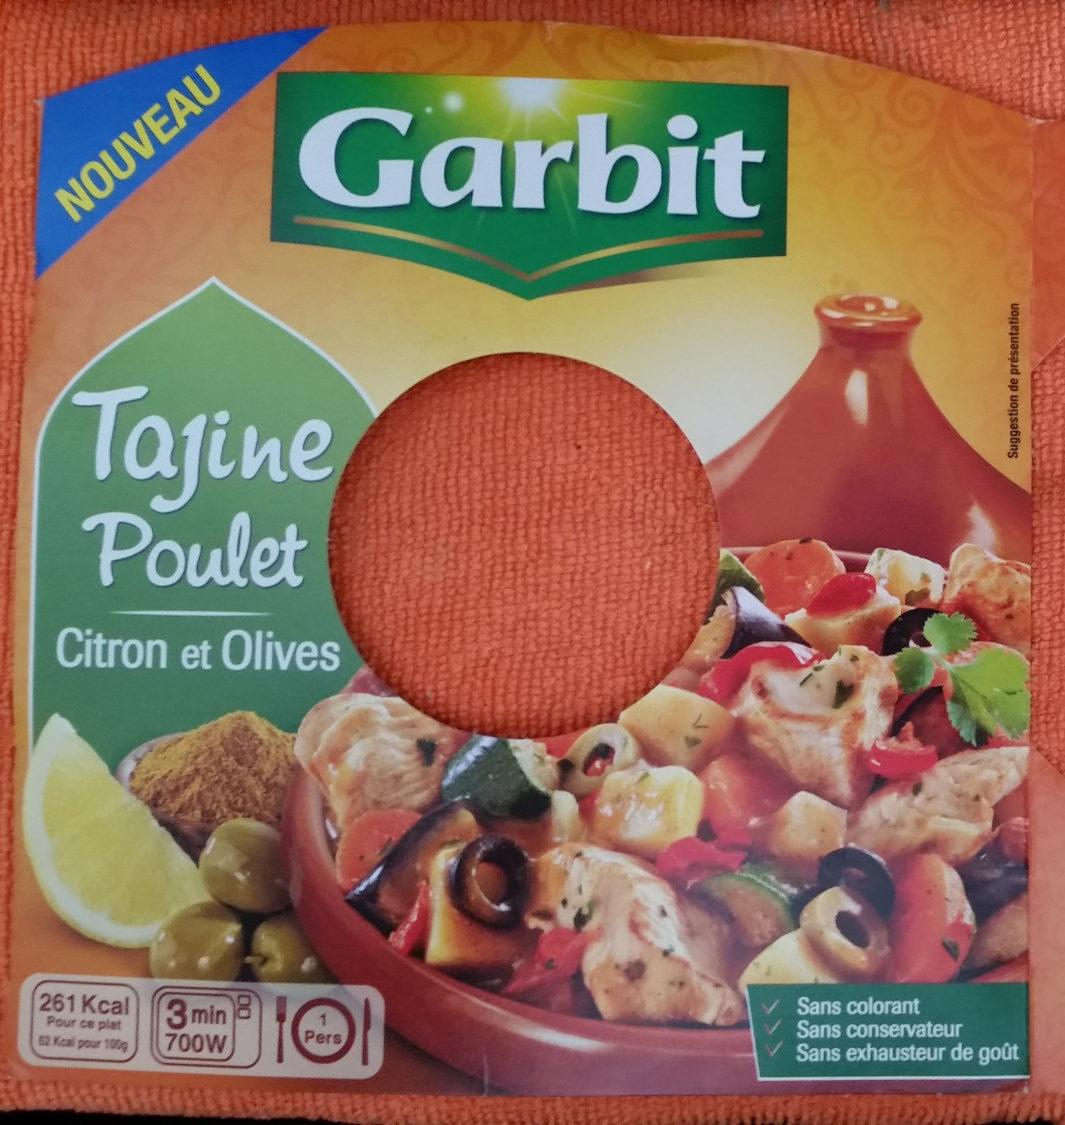 Tajine Poulet Citron et Olives - Product - fr